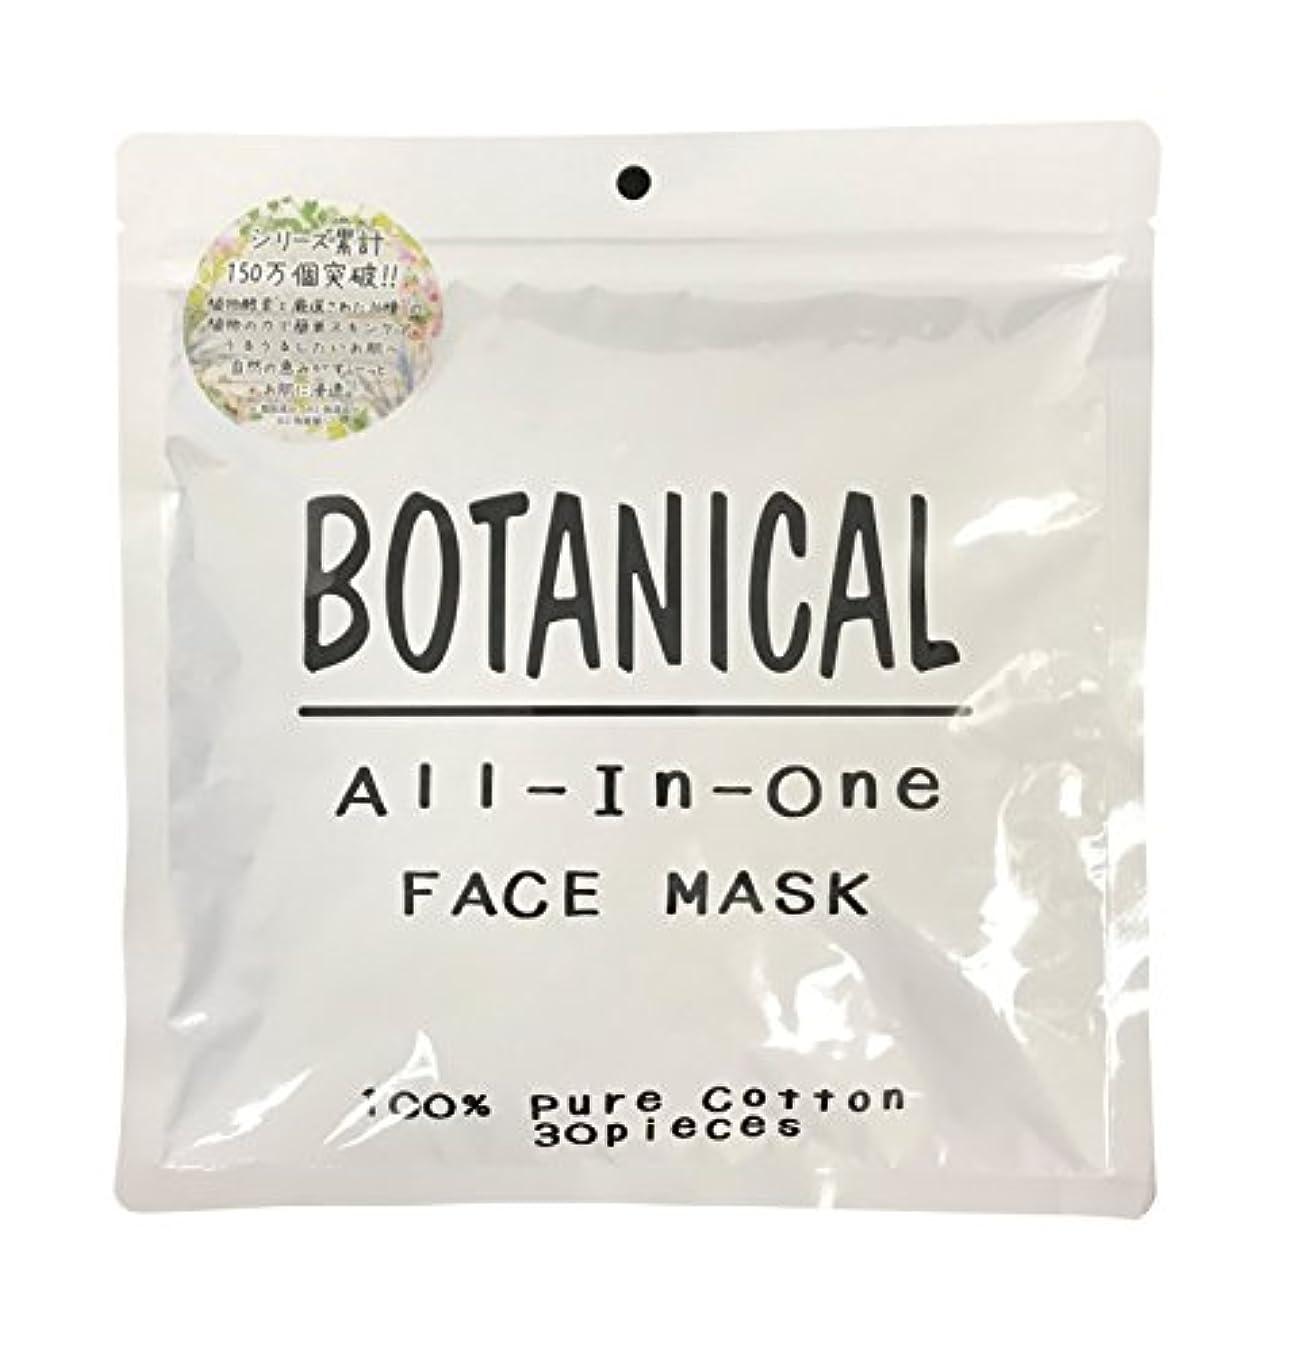 証明するカレンダーメロドラマティックボタニカル(BOTANICAL) オールインワン フェイスマスク 30枚入